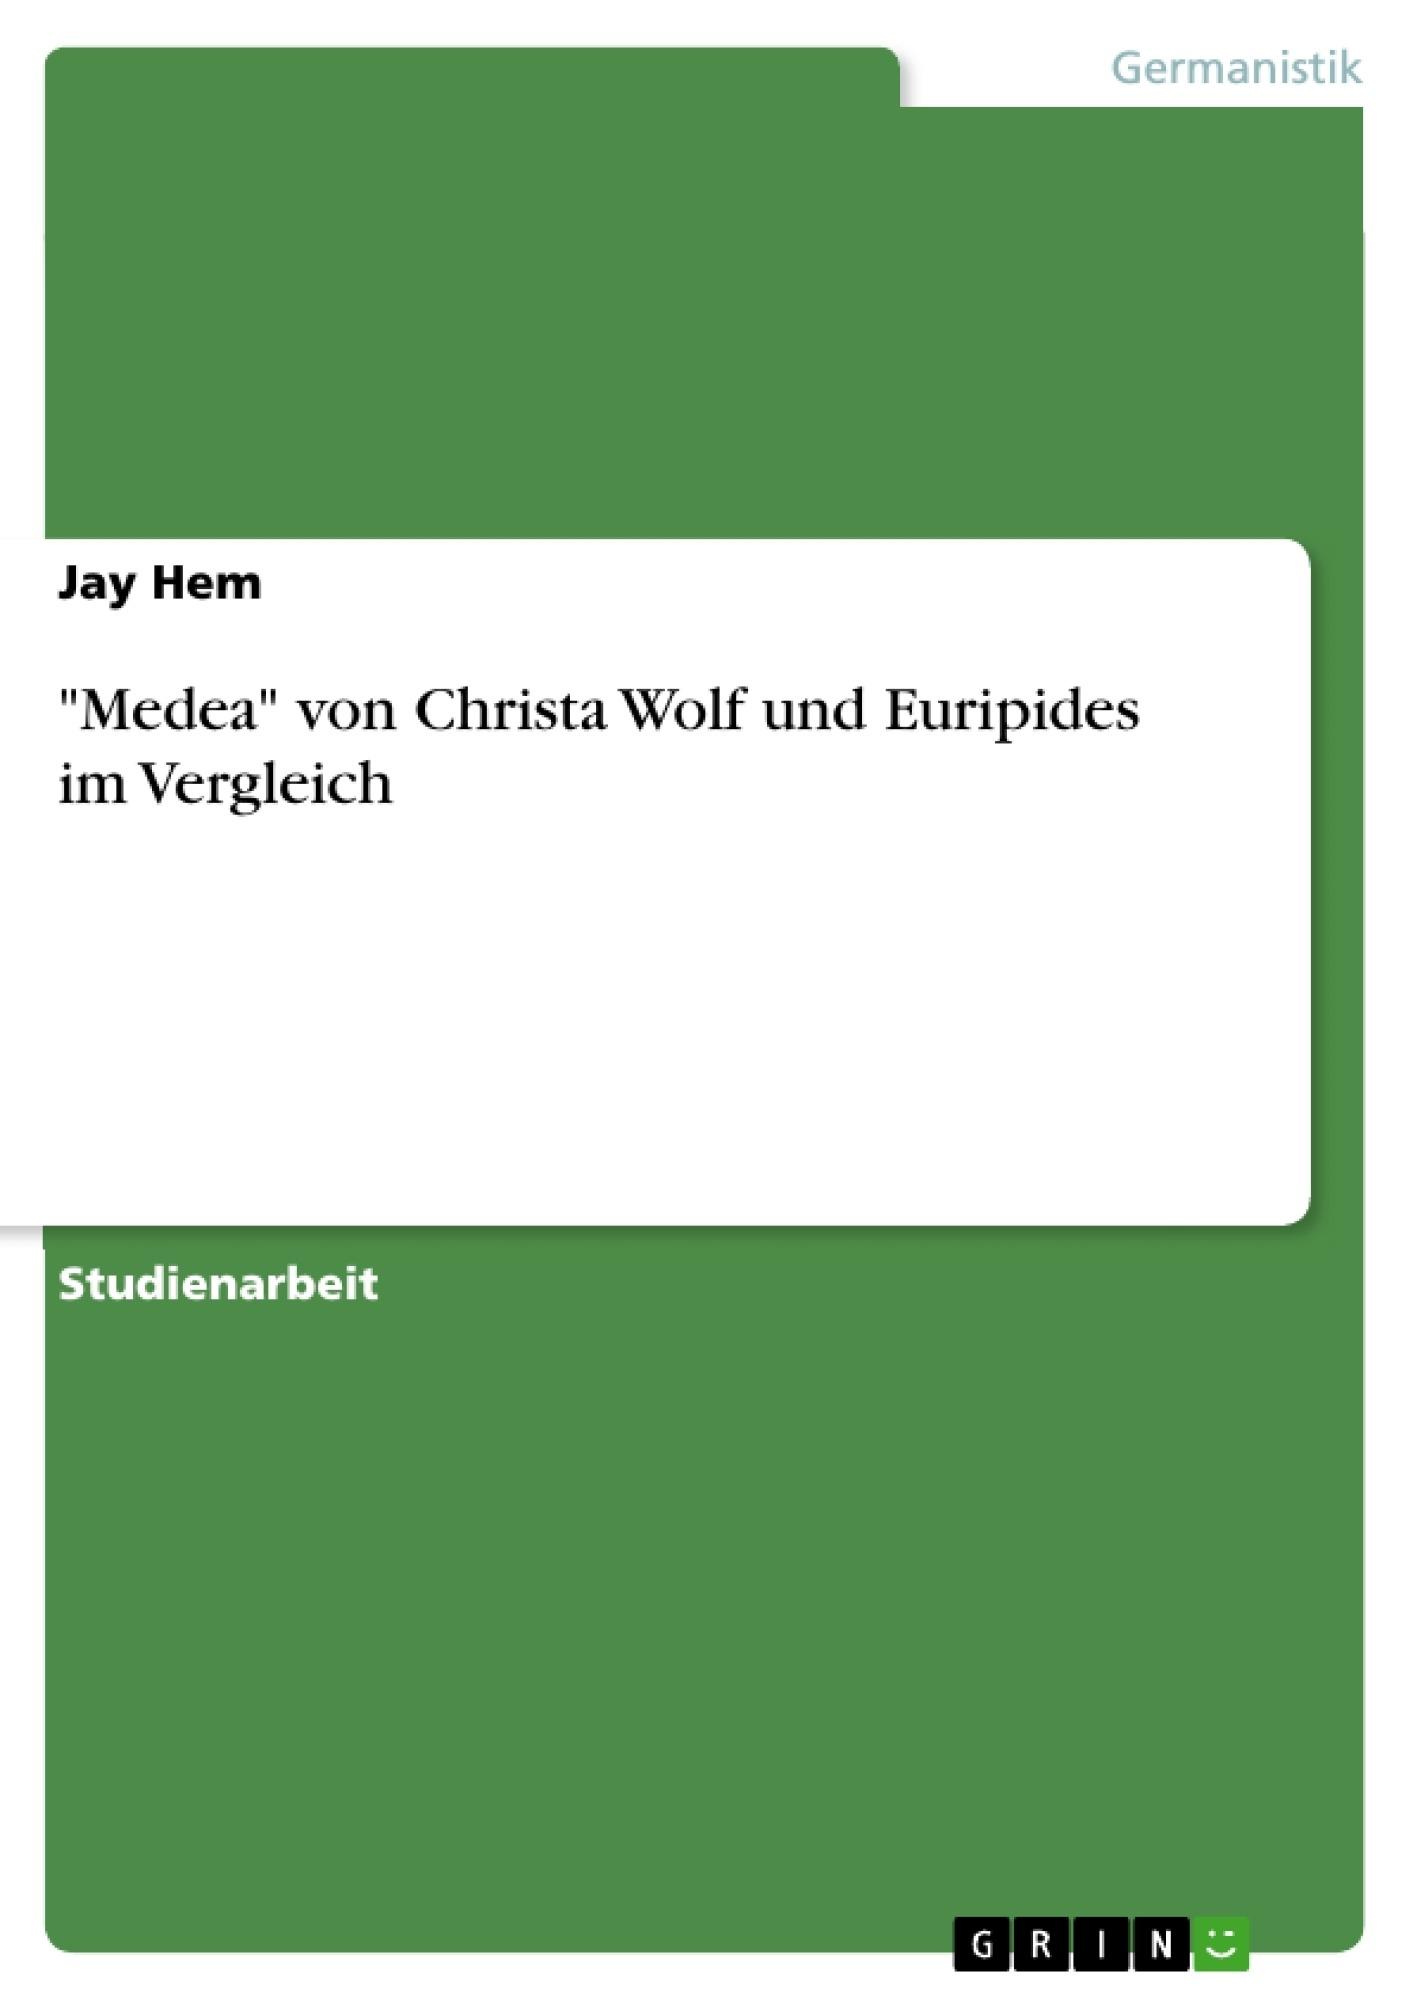 Euripides medea zusammenfassung kapitel